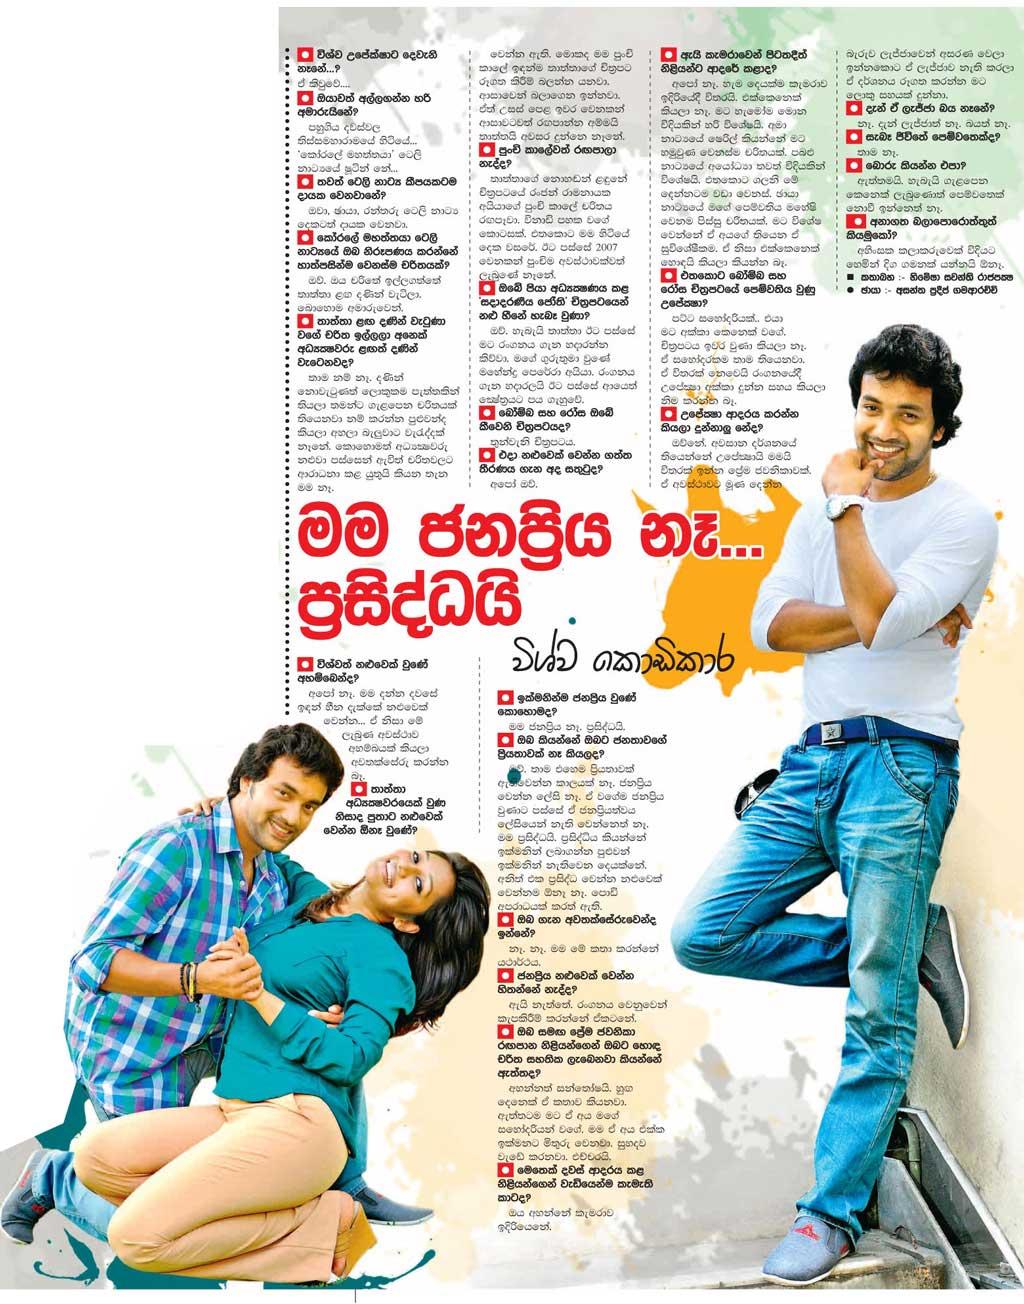 Not Popular – Vishwa Kodikara - lanka hot gossip wedding photo ...